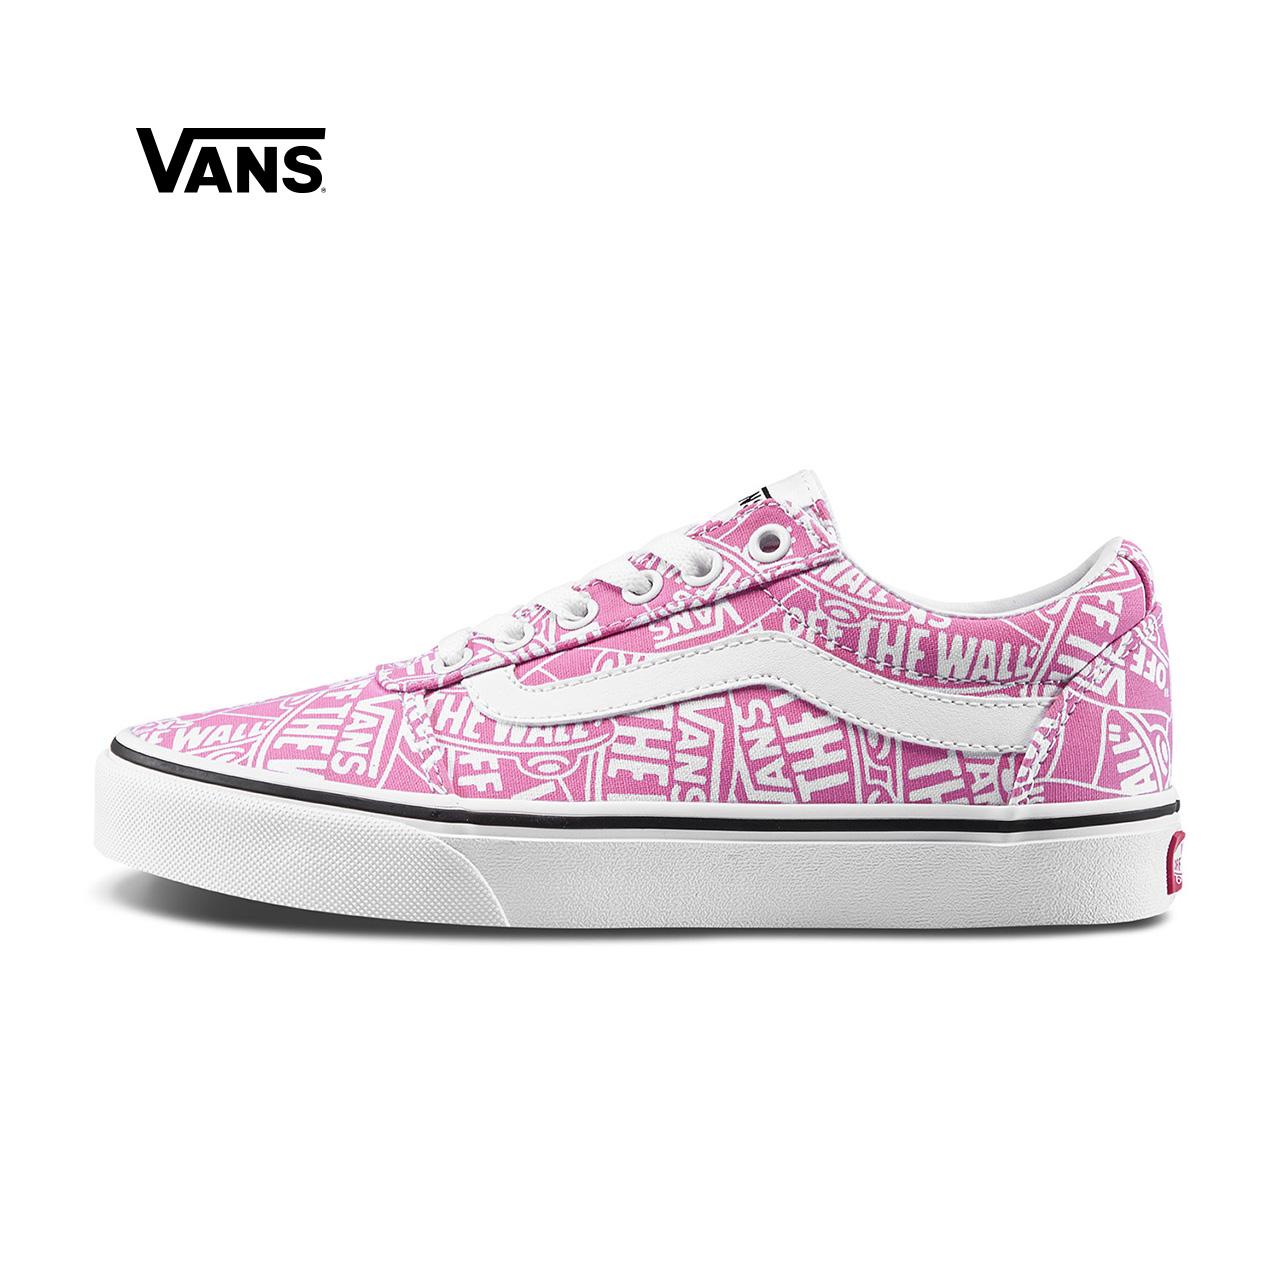 Vans范斯 运动休闲系列 帆布鞋 低帮女子新款侧边条纹官方正品